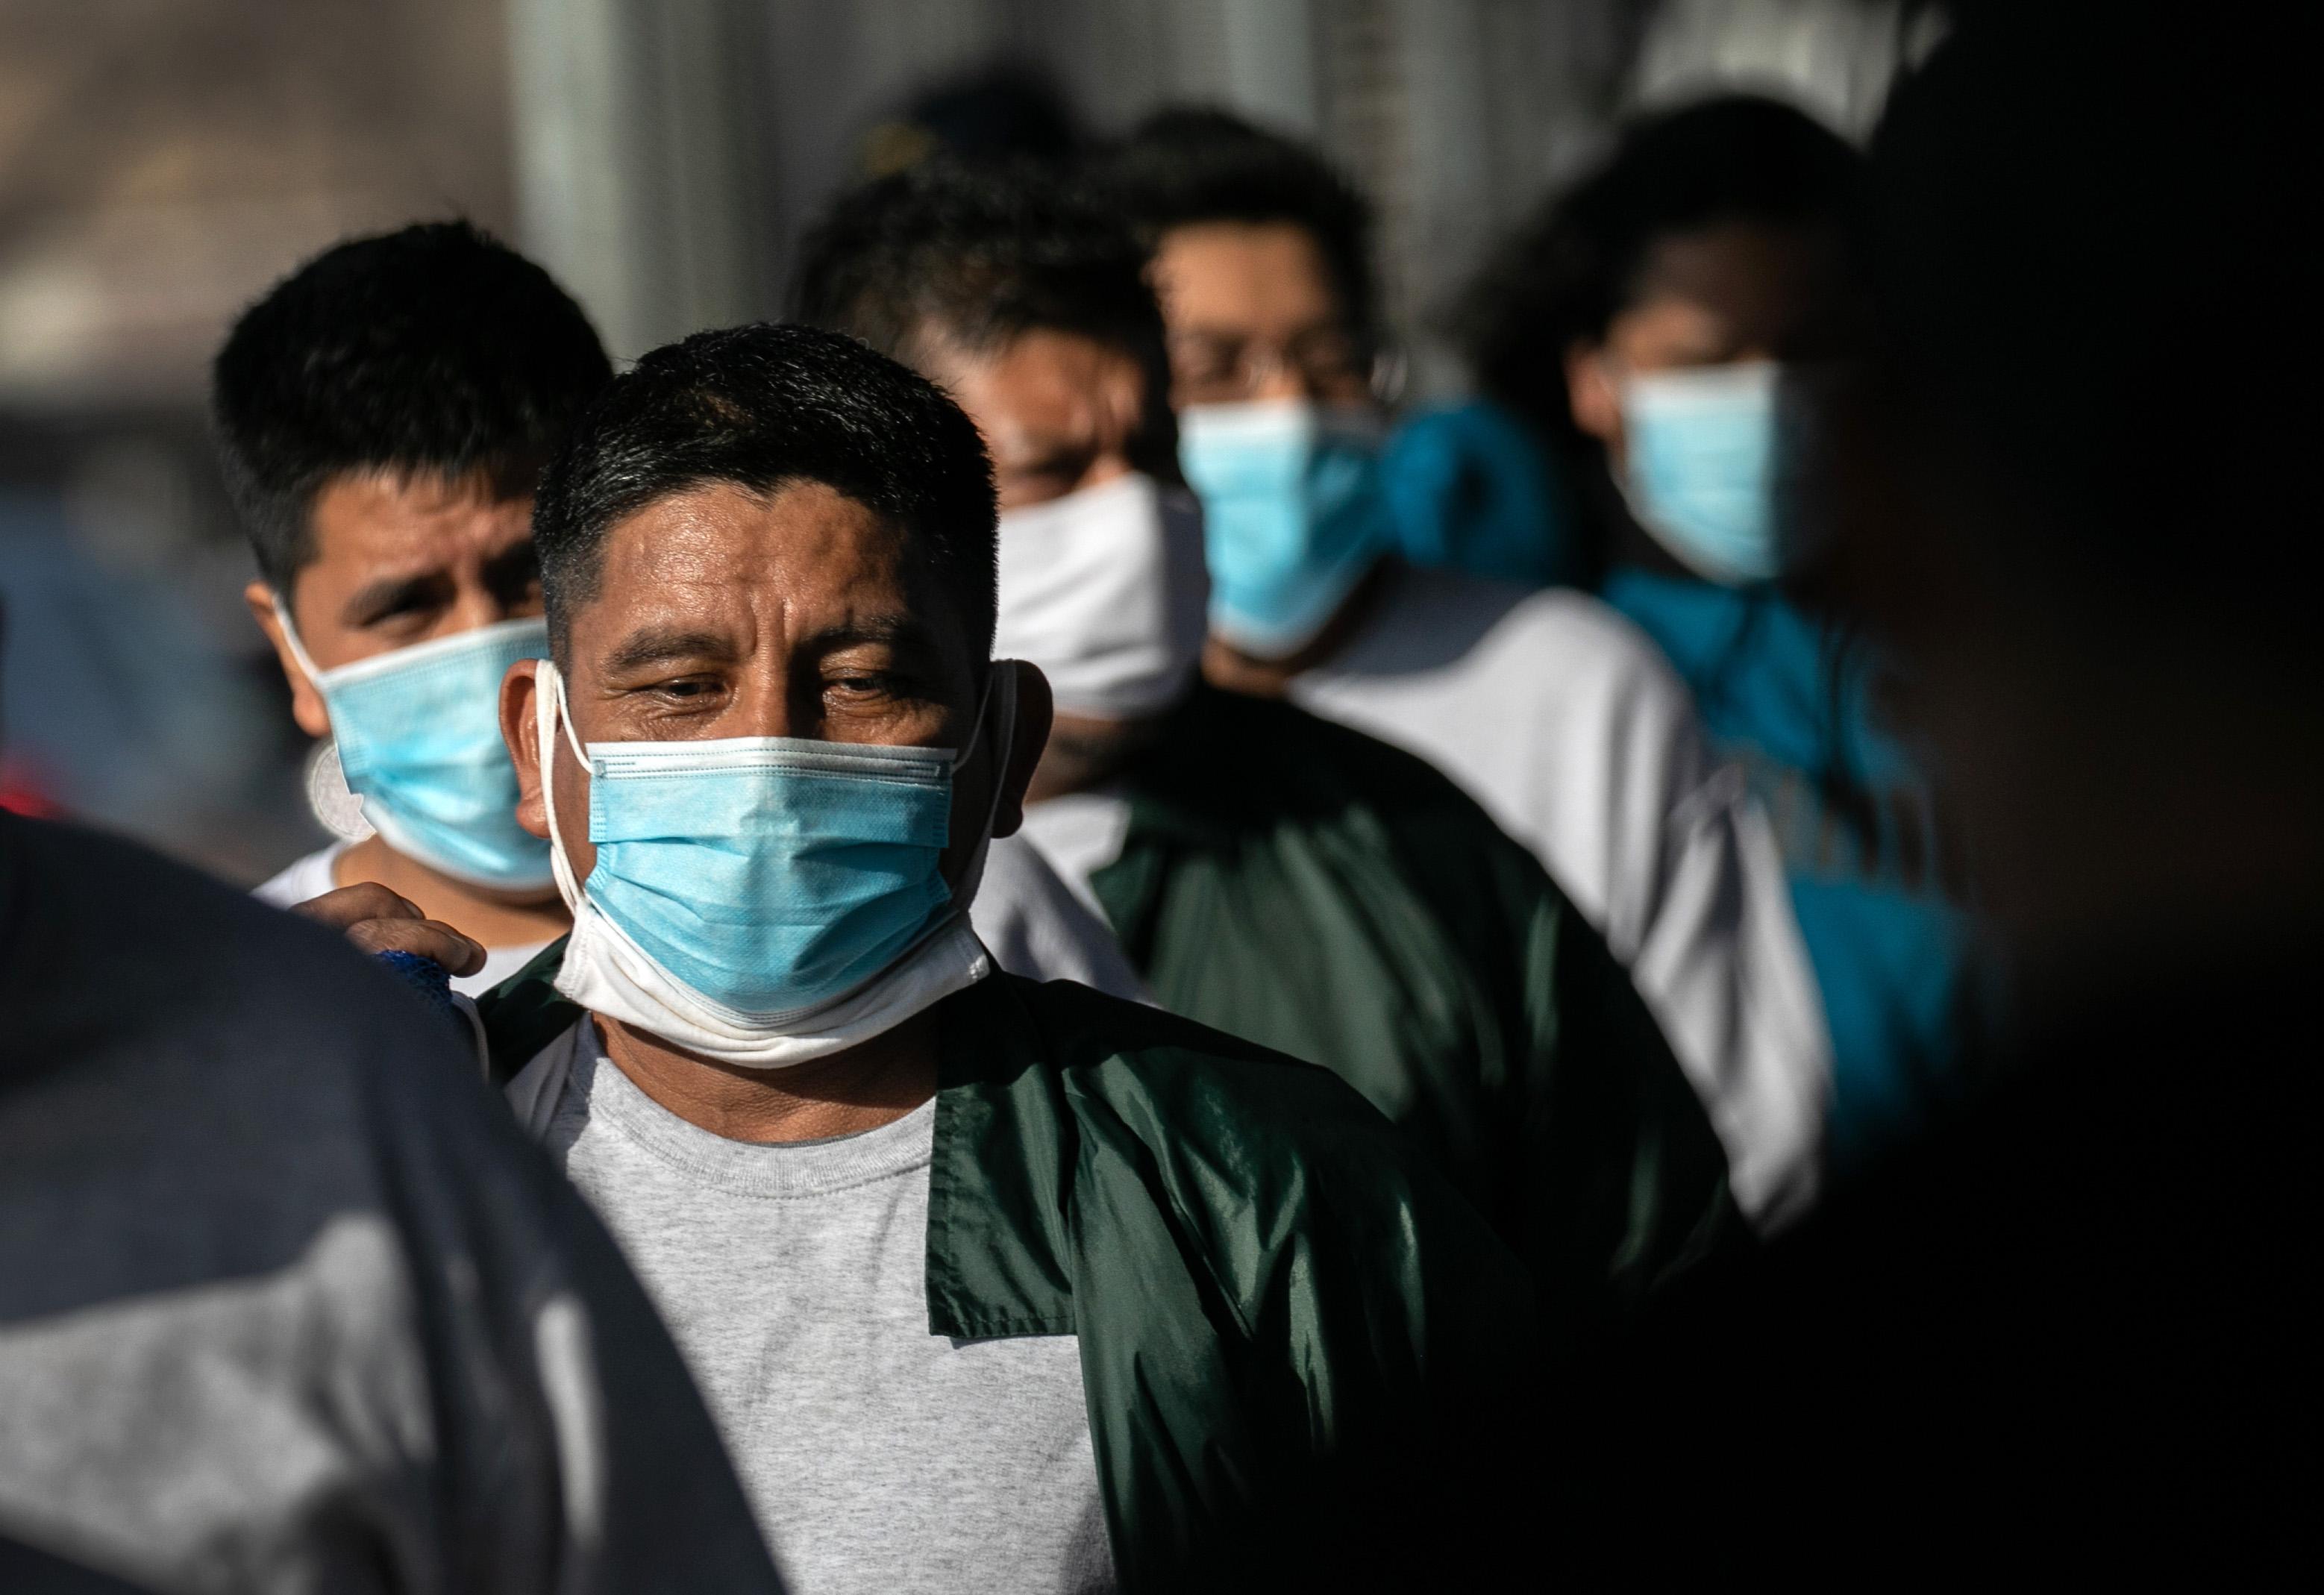 Los deportados mexicanos cruzan el Puente Internacional Gateway hacia México después de ser deportados por las autoridades de inmigración de Estados Unidos el 24 de febrero de 2021 en Matamoros, México.